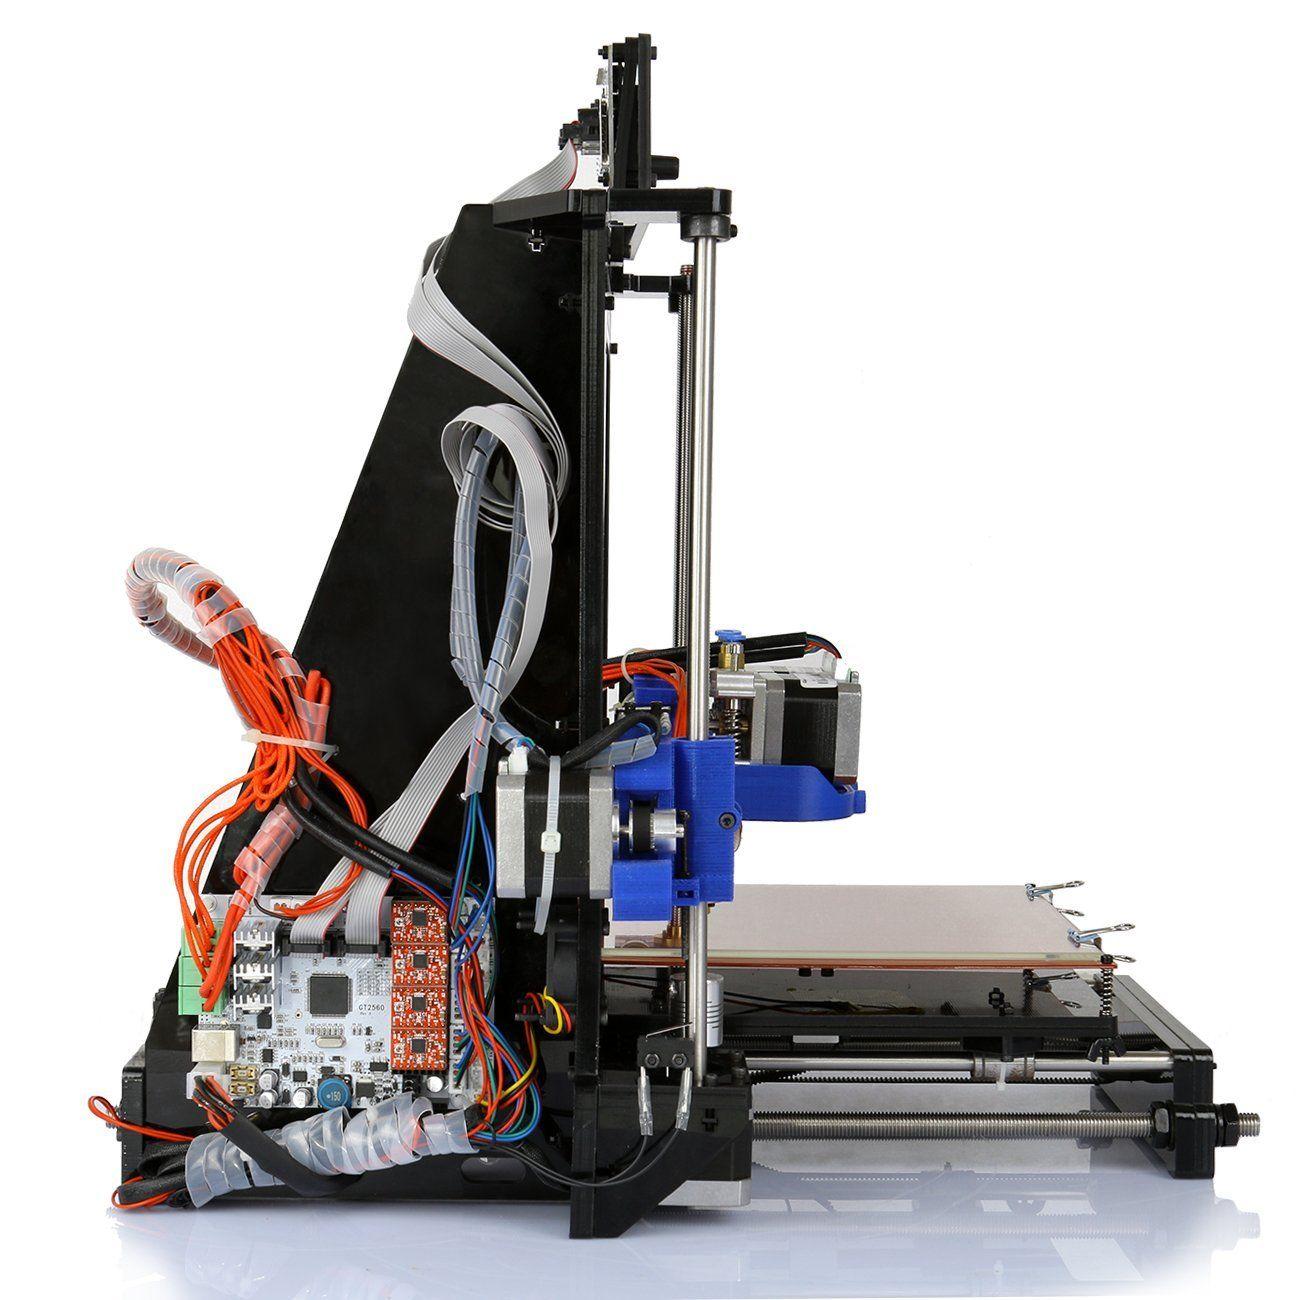 Schneidig 3d Drucker Computer Drucker Print Computer, Tablets & Netzwerk